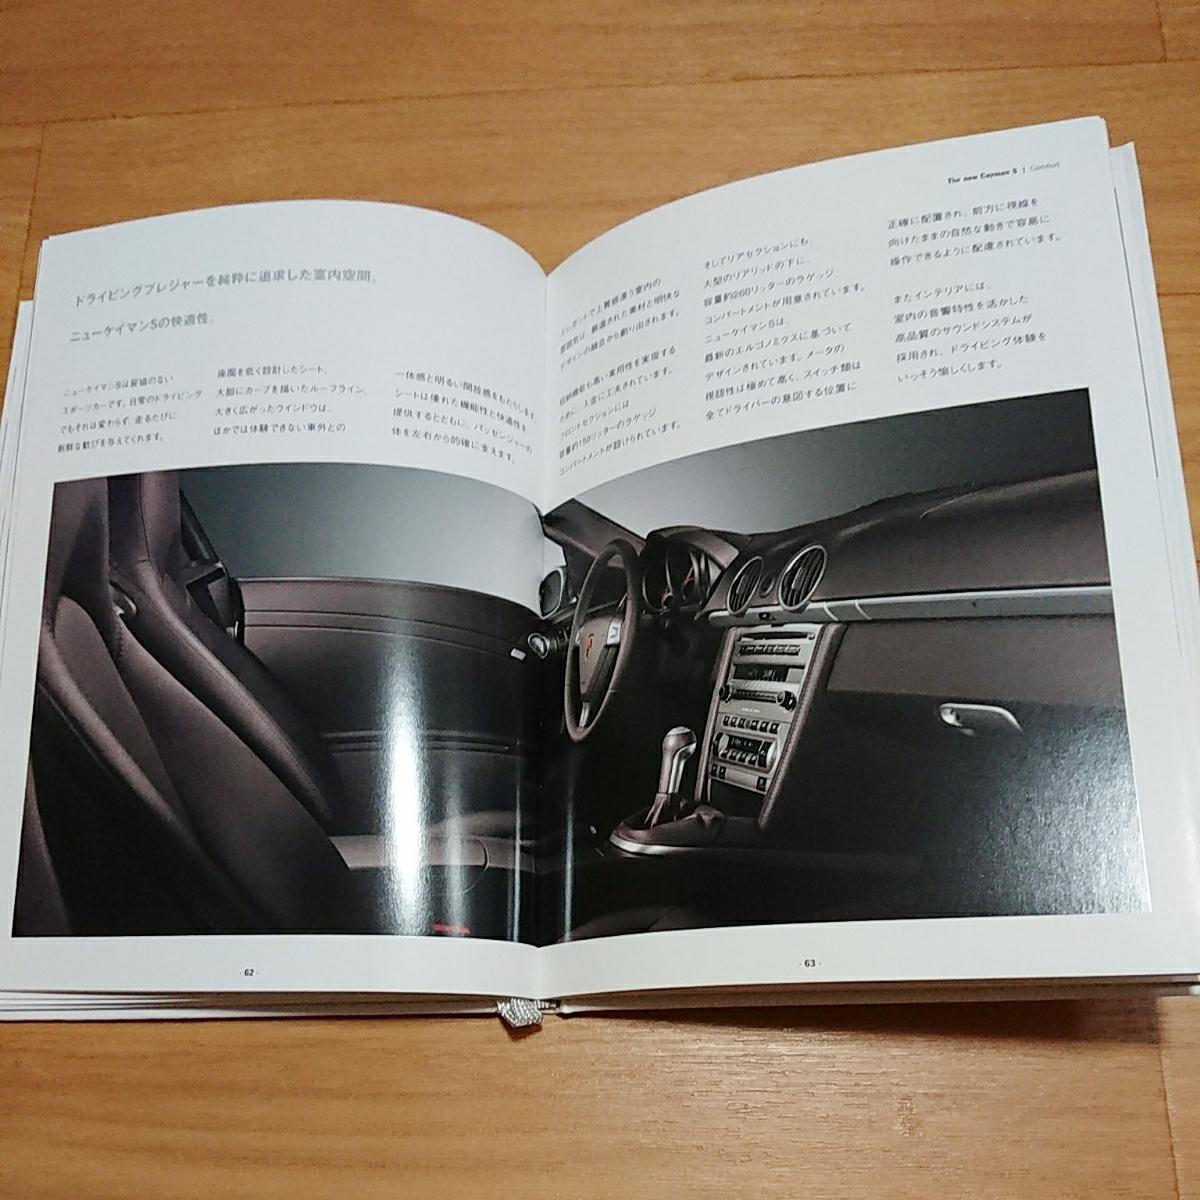 ポルシェケイマンS カタログ2冊セット 2005年 日本語版_画像6